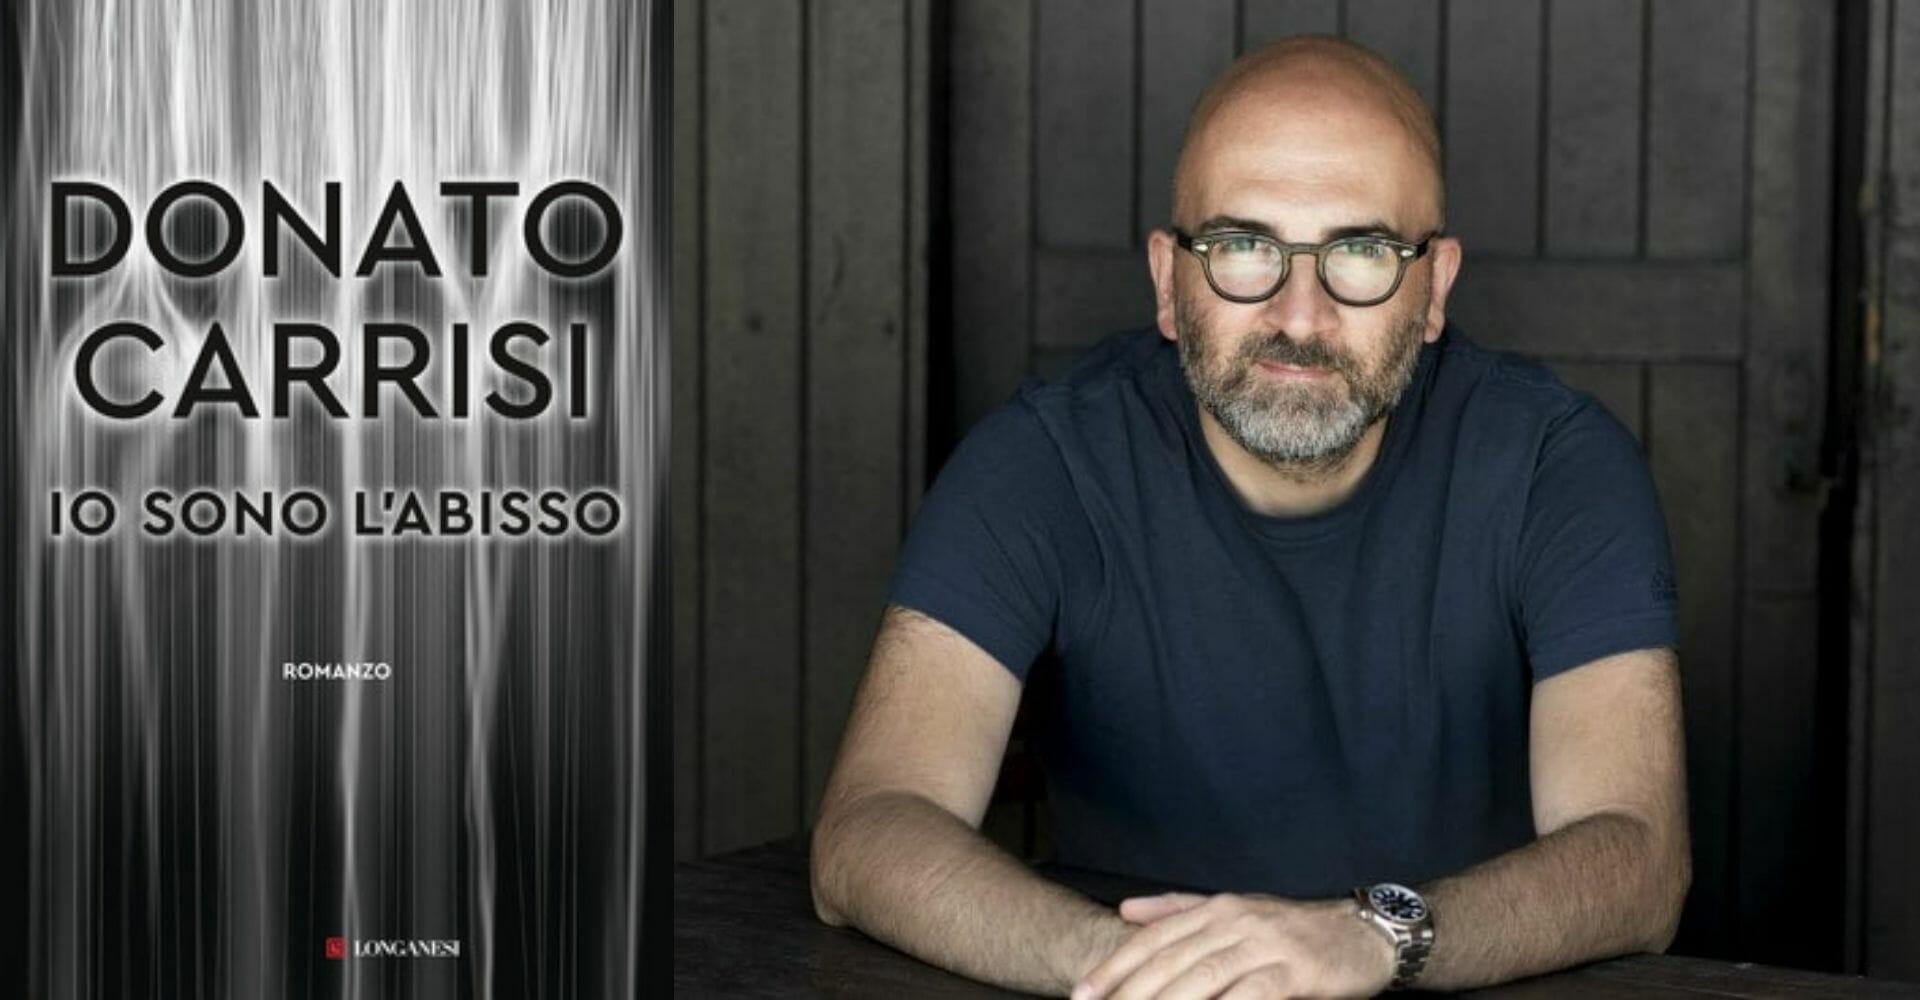 """""""Io sono l'abisso"""" di Donato Carrisi: il maestro del thriller è tornato"""